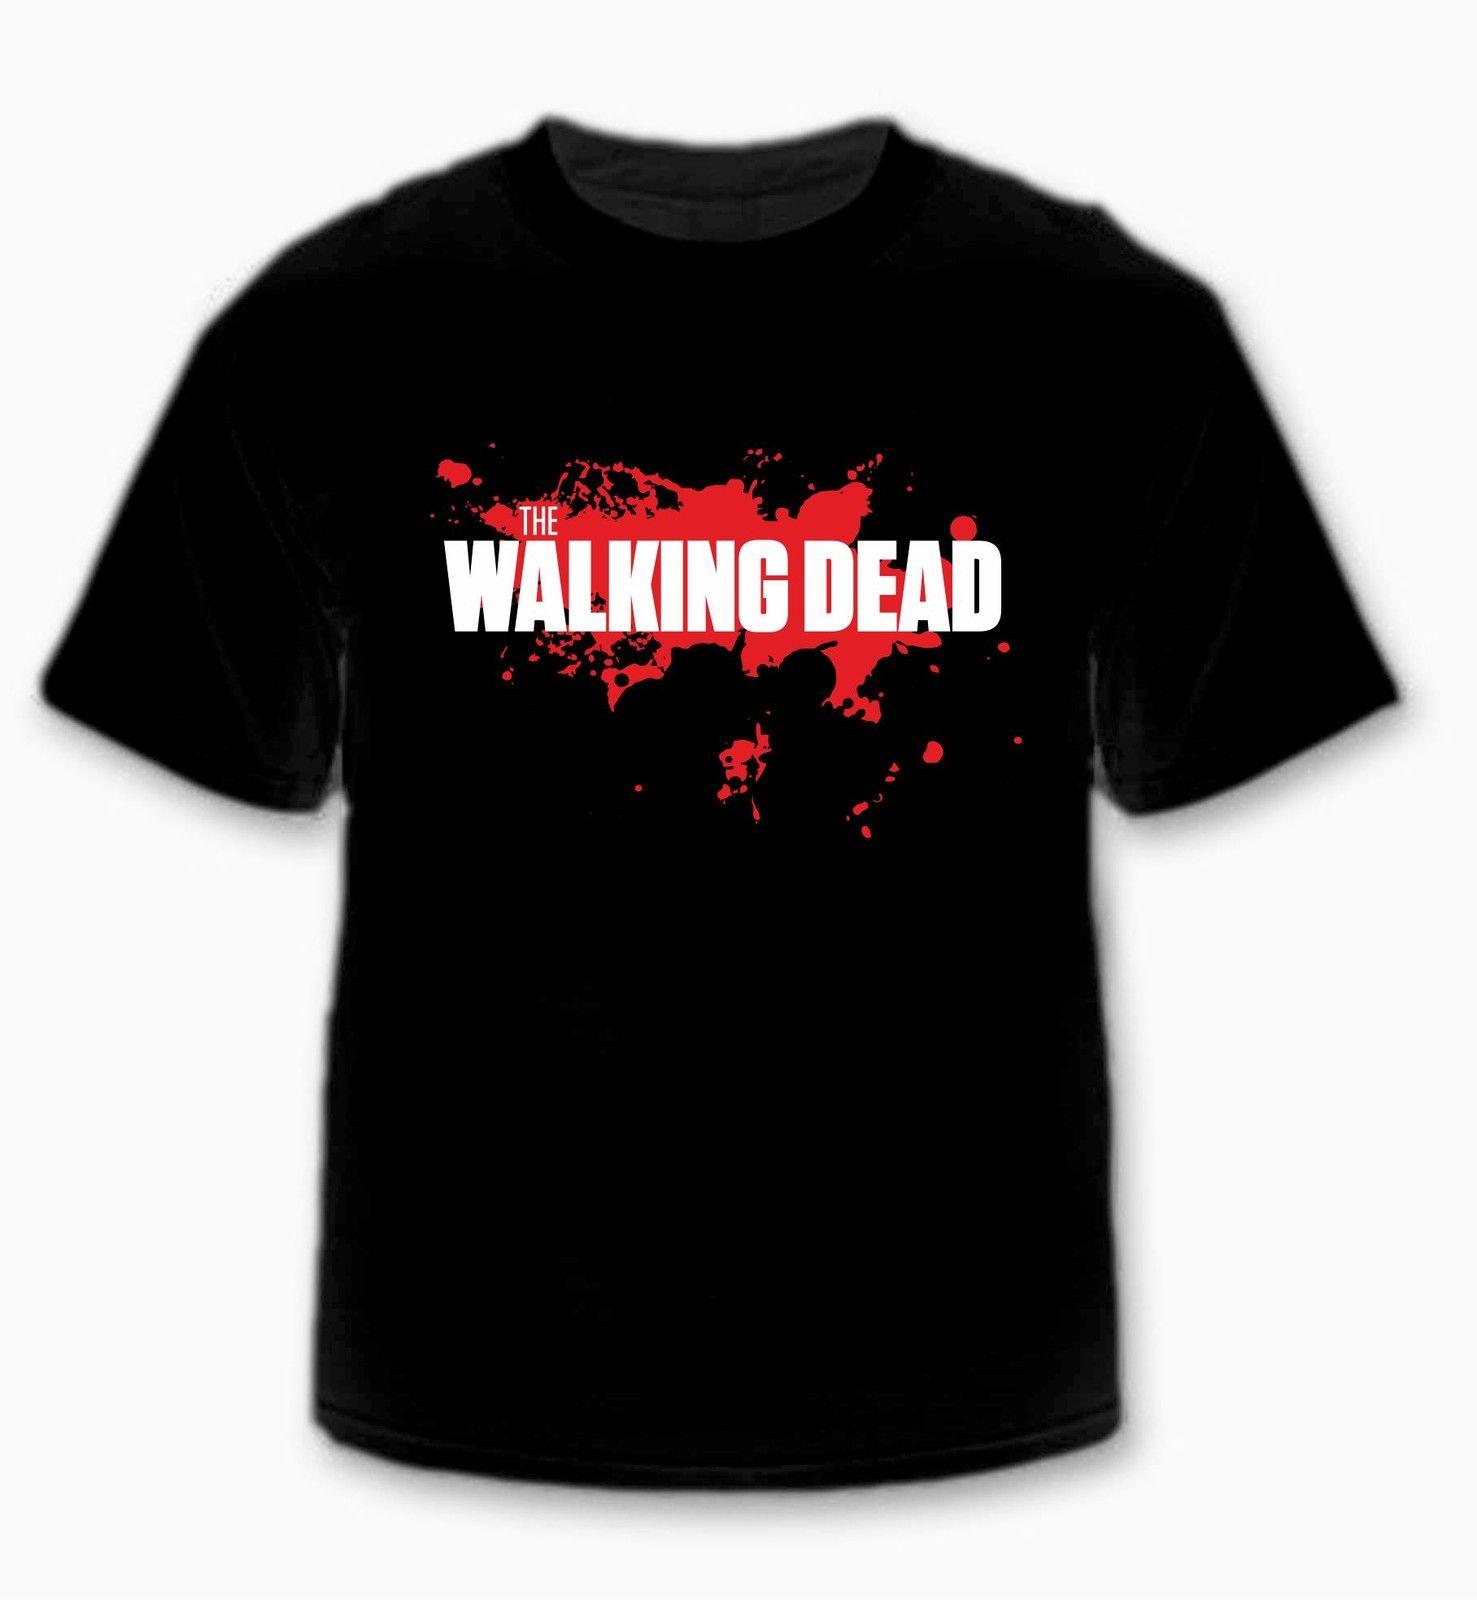 t-shirt-maglietta-font-b-the-b-font-font-b-walking-b-font-font-b-dead-b-font